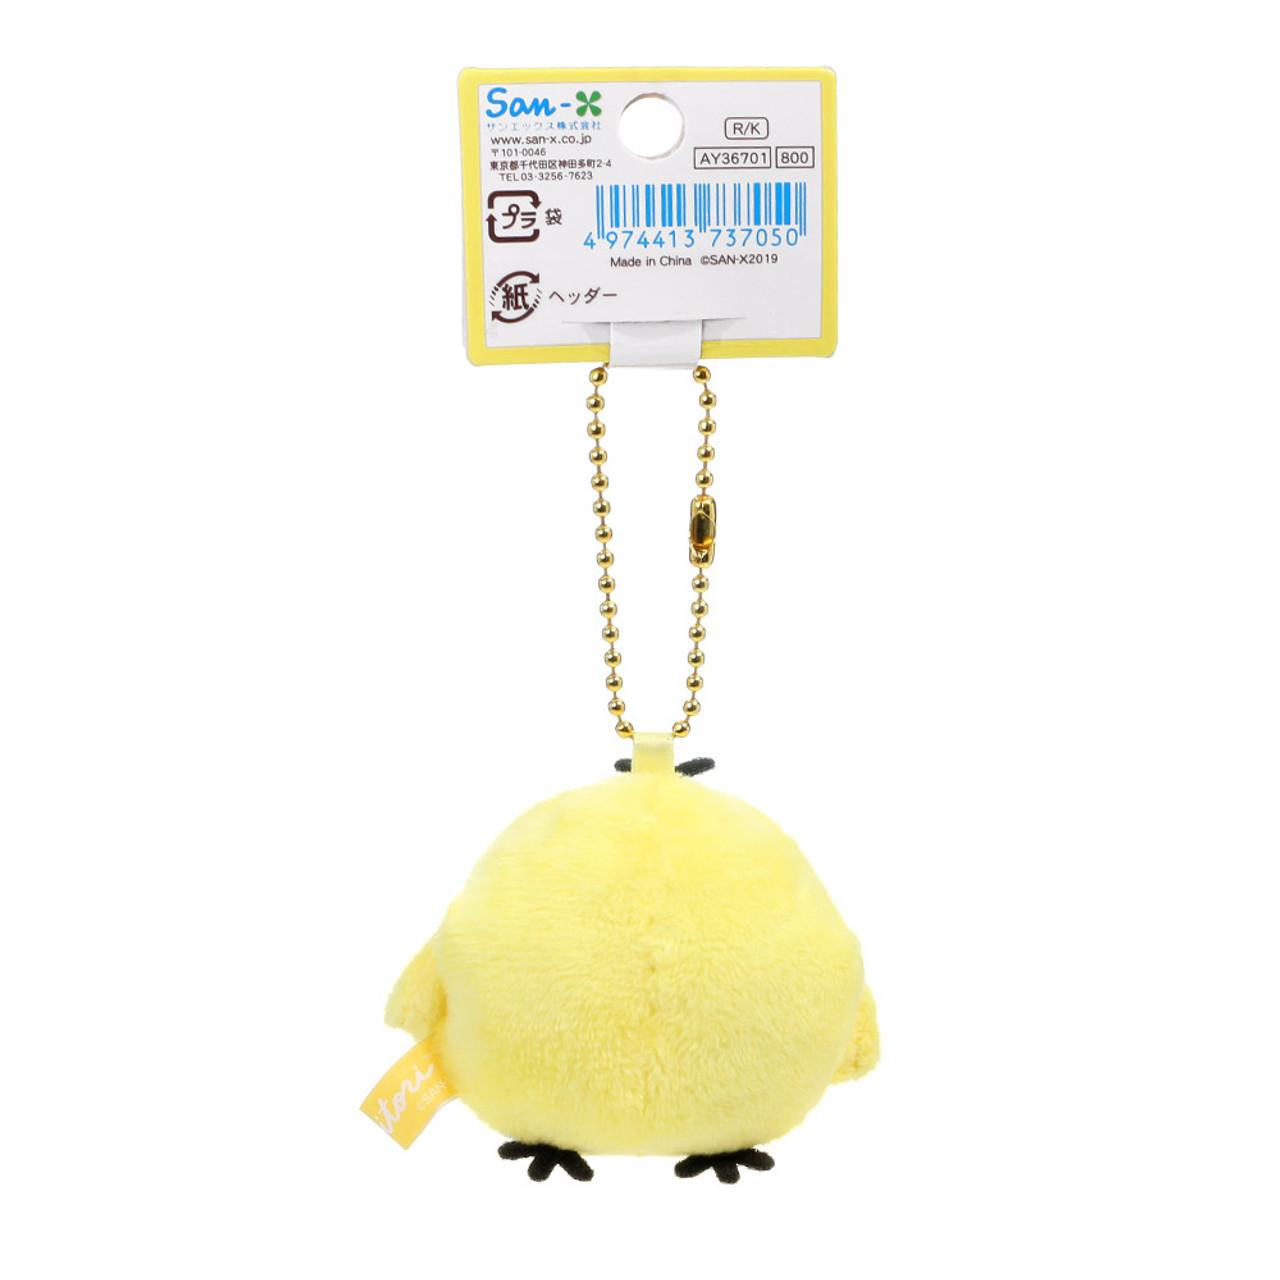 San-x Kiiroitori Squeeze Nose Plush Charms ( Tag View )